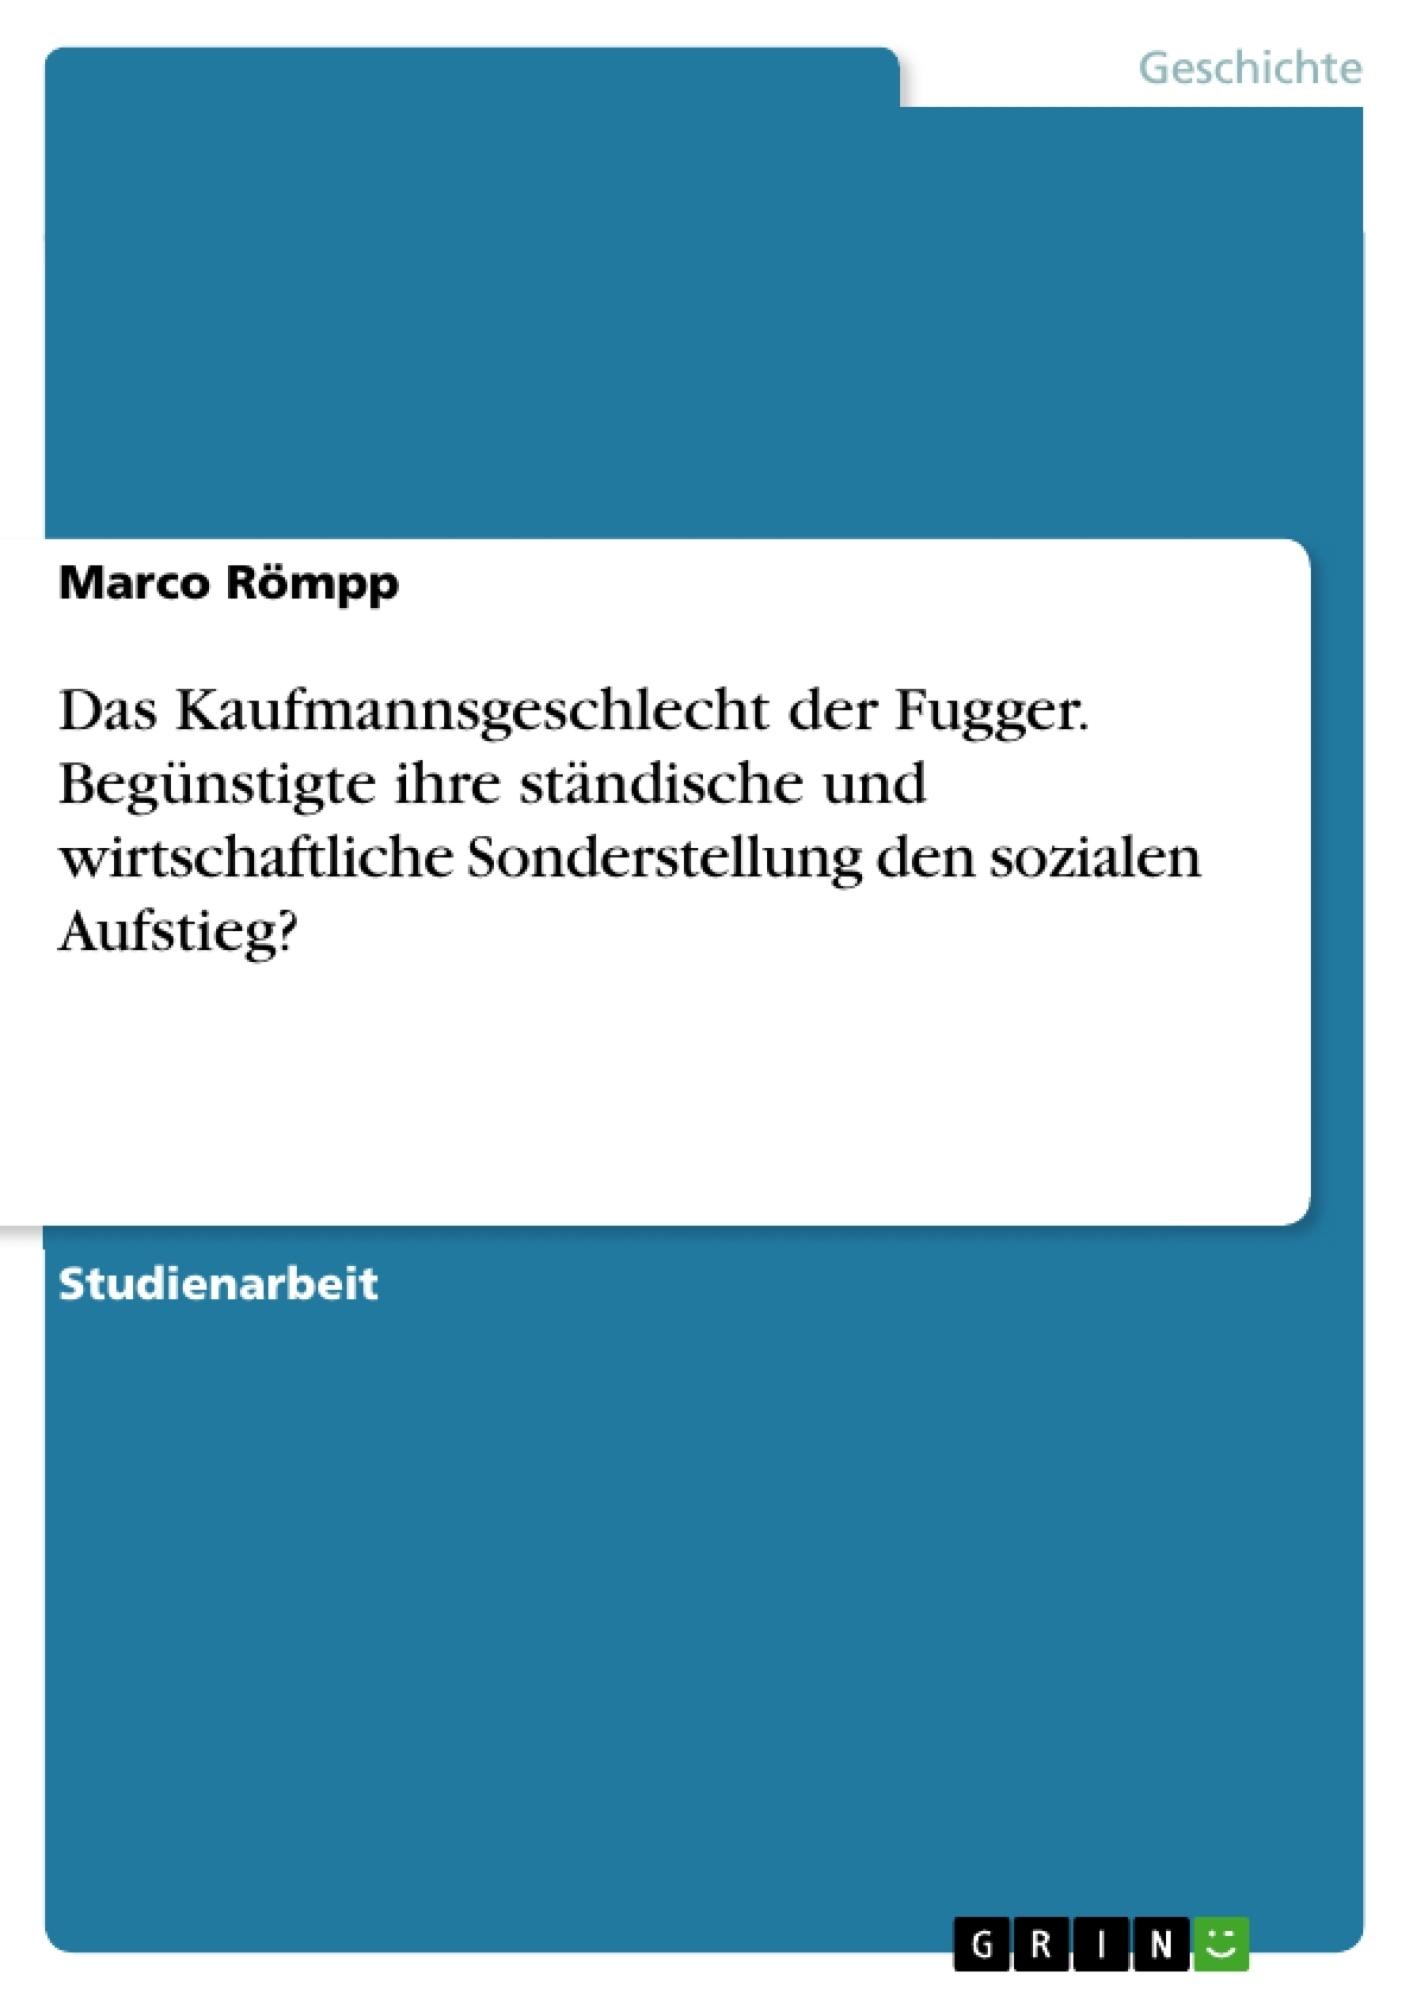 Titel: Das Kaufmannsgeschlecht der Fugger. Begünstigte ihre ständische und wirtschaftliche Sonderstellung den sozialen Aufstieg?